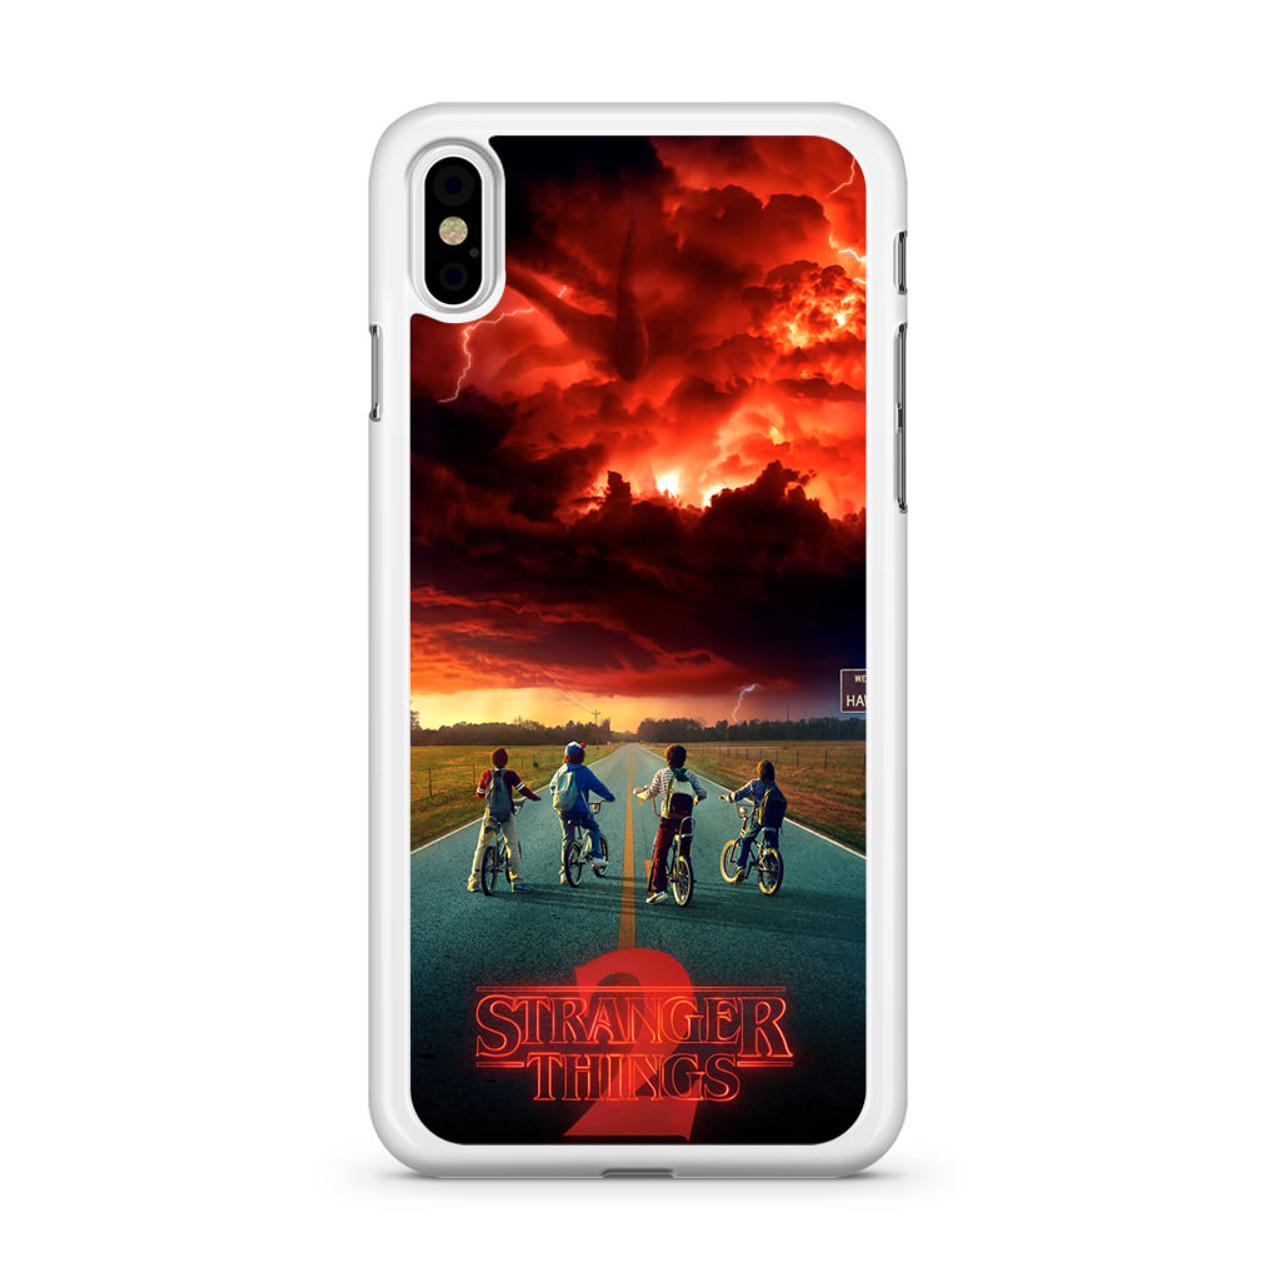 Stranger Things Season 2 iPhone XS Max Case